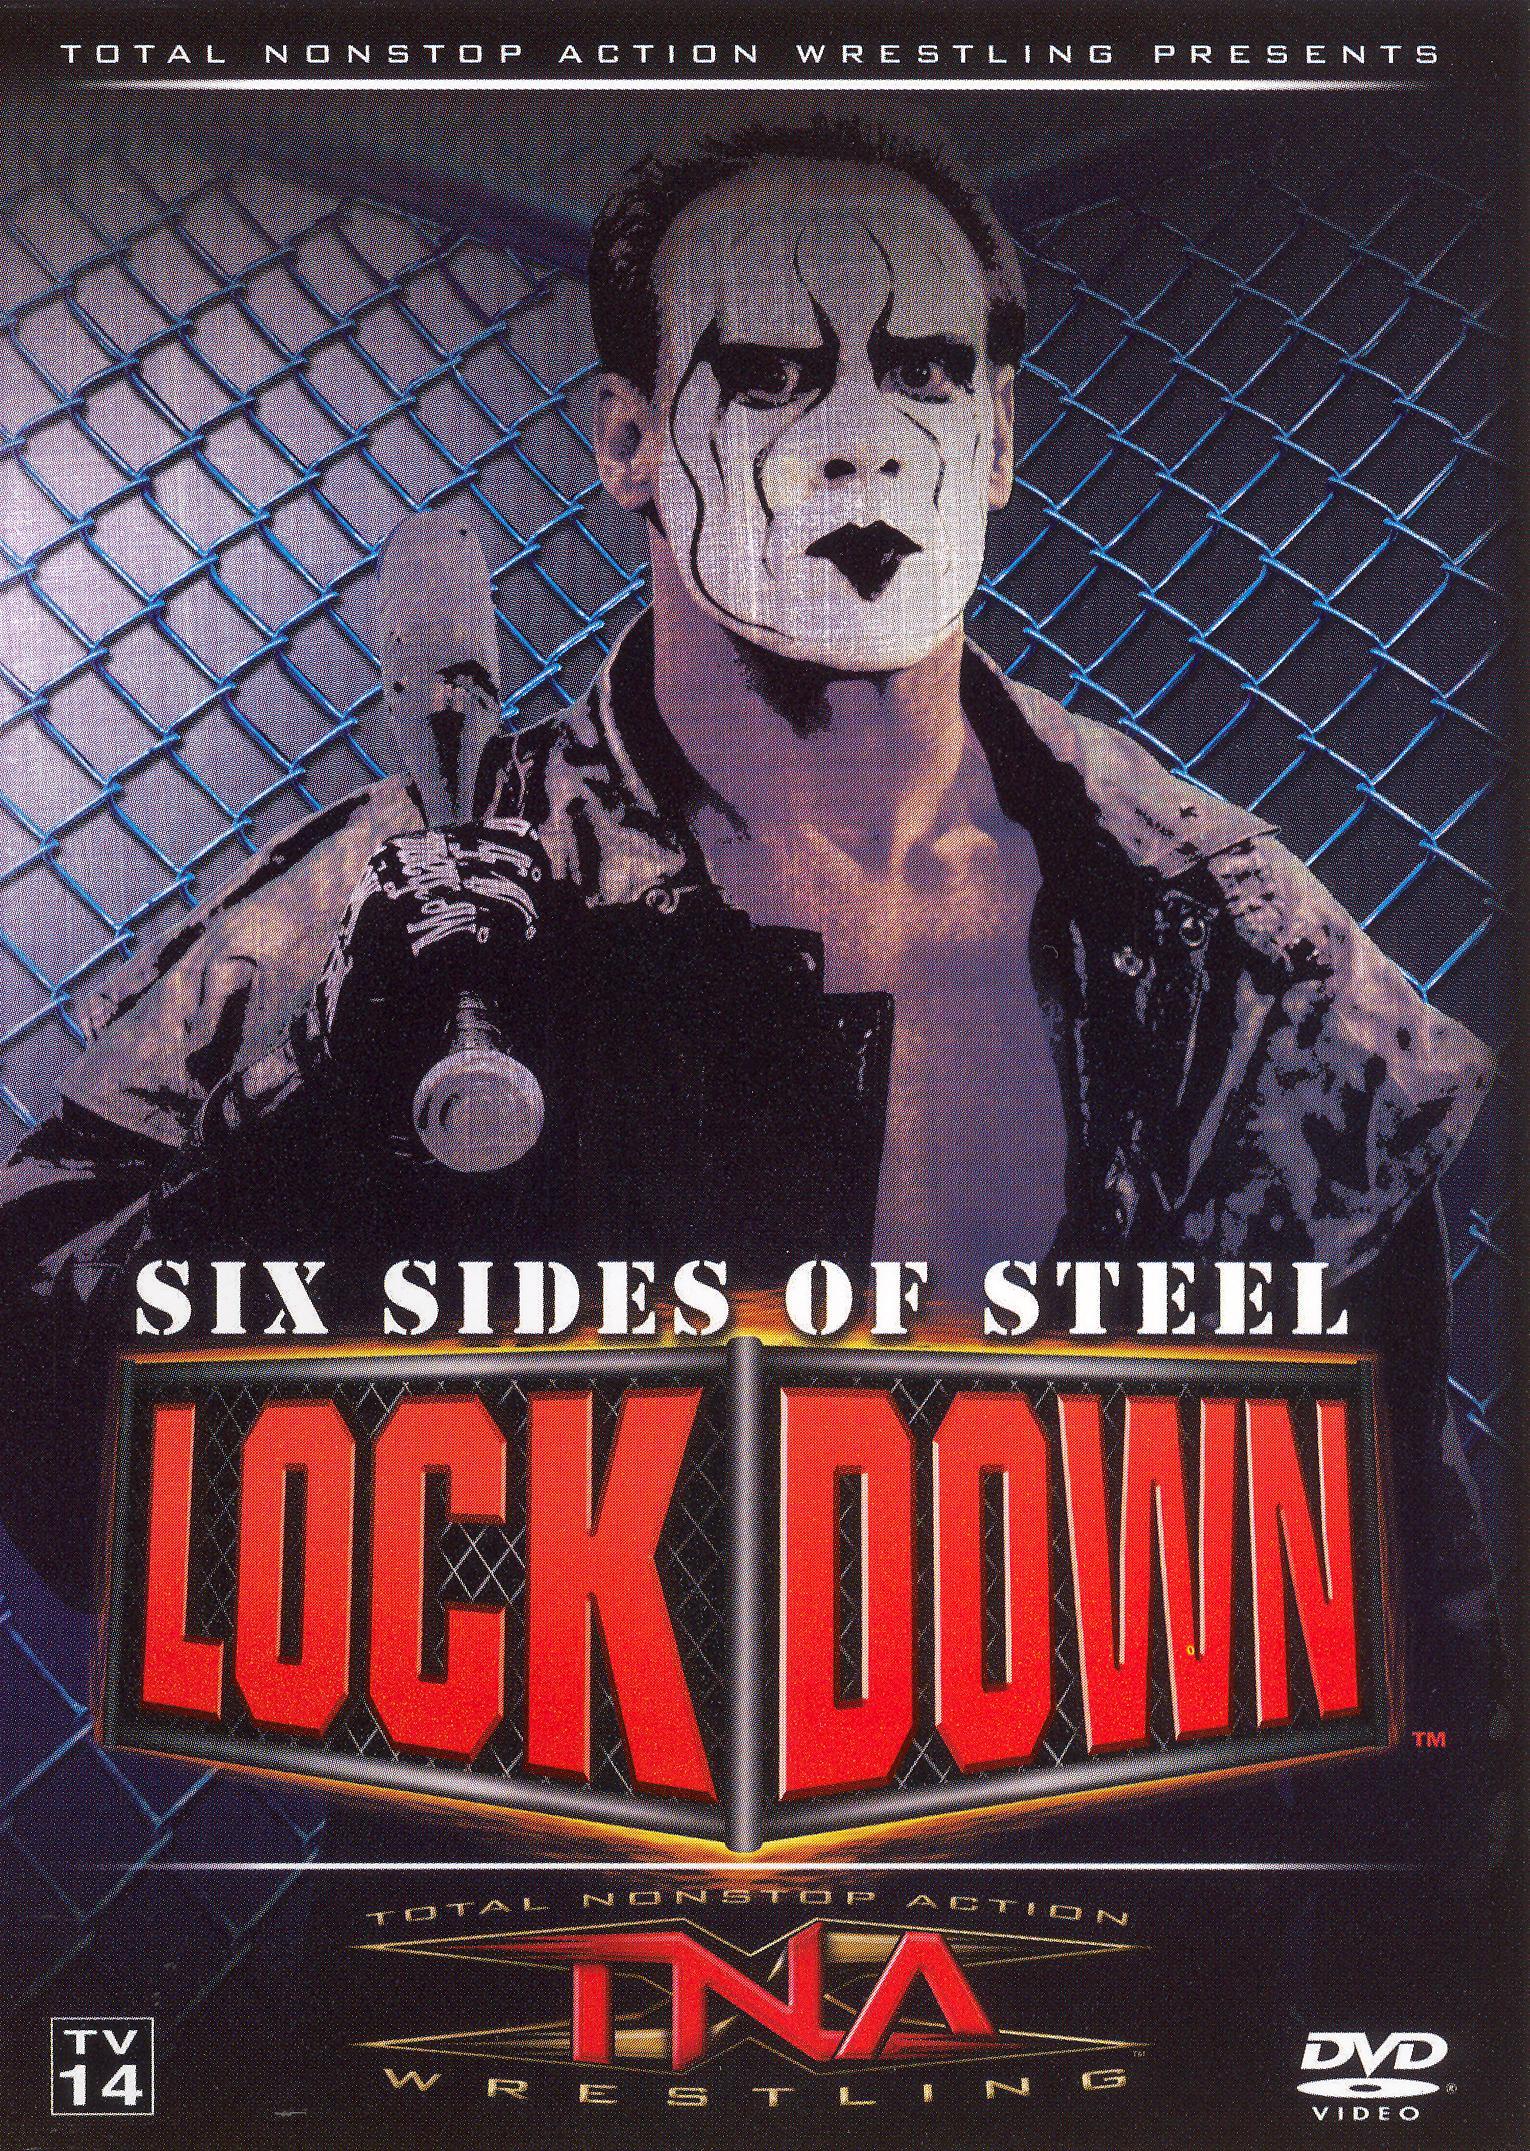 TNA Wrestling: Lockdown 2006